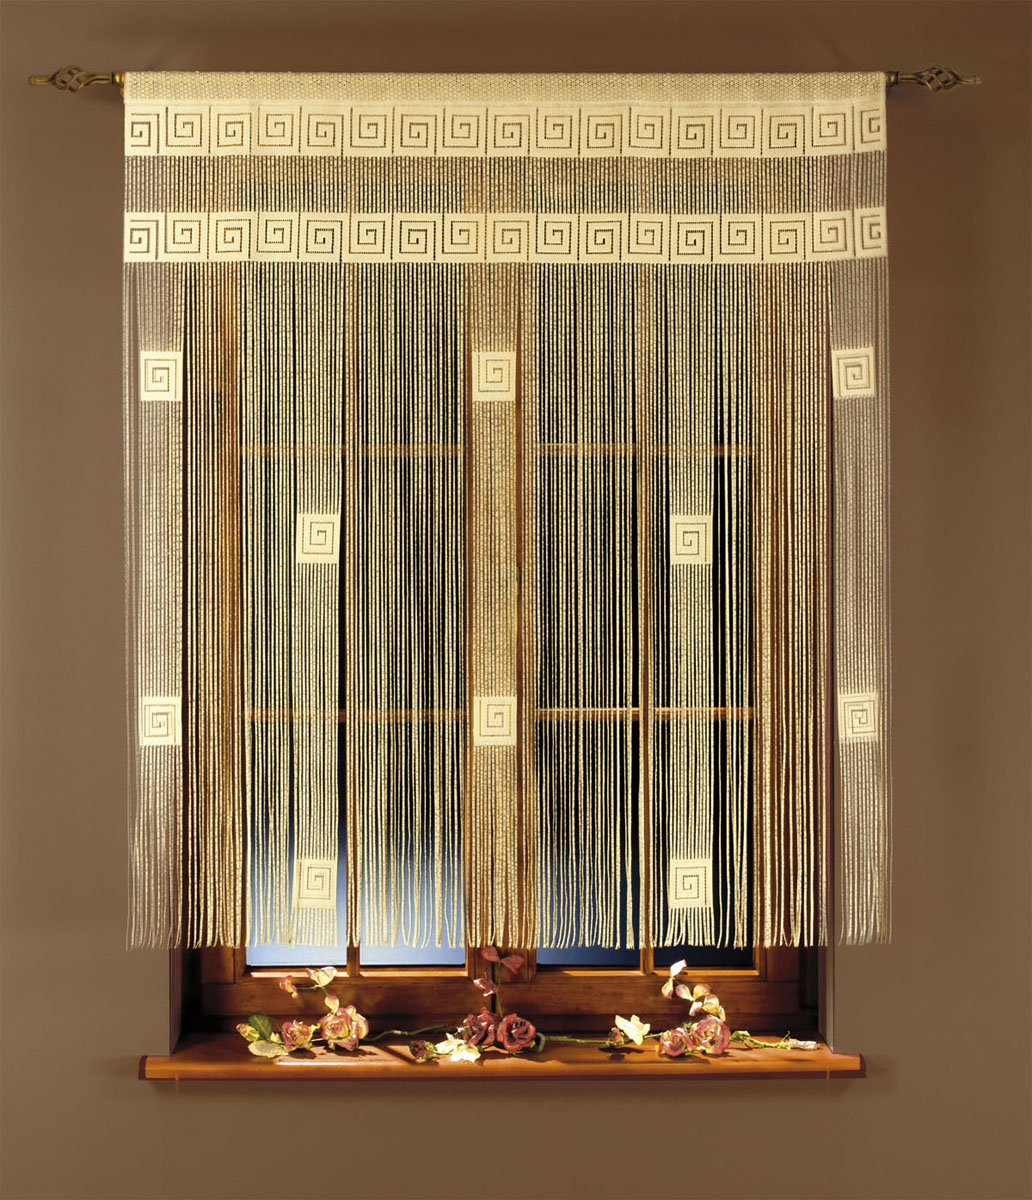 Гардина-лапша Ira, на кулиске, цвет: белый, высота 160 см391602Гардина-лапша Ira, изготовленная из полиэстера белого цвета, станет великолепным украшением окна, дверного проема и прекрасно послужит для разграничения пространства. Необычный дизайн и яркое оформление привлекут внимание и органично впишутся в интерьер.Гардина-лапша оснащена кулиской для крепления на круглый карниз. Характеристики:Материал: 100% полиэстер. Цвет: белый. Высота кулиски: 6 см. Размер упаковки:27 см х 38 см х 6 см. Артикул: 663316. В комплект входит: Гардина-лапша - 1 шт. Размер (ШхВ): 270 см х 160 см. Фирма Wisan на польском рынке существует уже более пятидесяти лет и является одной из лучших польских фабрик по производству штор и тканей. Ассортимент фирмы представлен готовыми комплектами штор для гостиной, детской, кухни, а также текстилем для кухни (скатерти, салфетки, дорожки, кухонные занавески). Модельный ряд отличает оригинальный дизайн, высокое качество. Ассортимент продукции постоянно пополняется.УВАЖАЕМЫЕ КЛИЕНТЫ!Обращаем ваше внимание на цвет изделия. Цветовой вариант гардины-лапши, данной в интерьере, служит для визуального восприятия товара. Цветовая гамма данной гардины-лапши представлена на отдельном изображении фрагментом ткани.